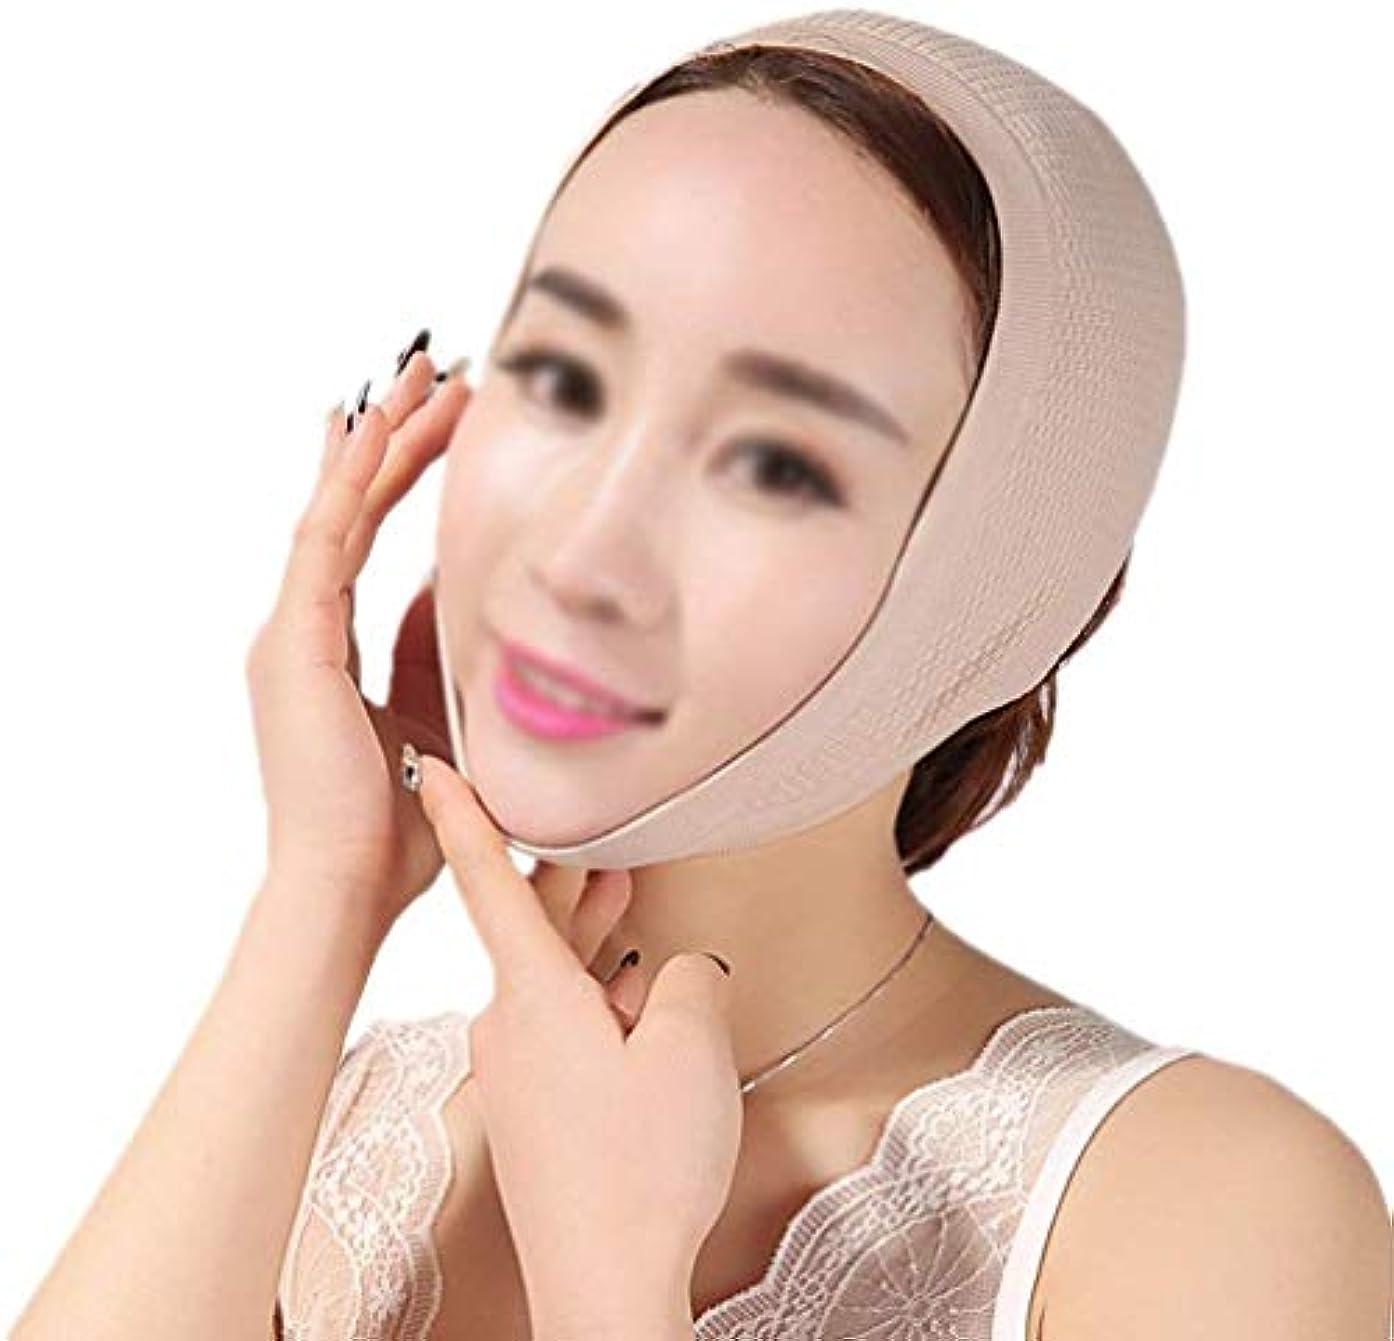 十分ではない率直なエステートHUYYA Vライン頬、女性の顔を持ち上げるベルト しわ防止包帯 二重あごの減量顔,Flesh_Large